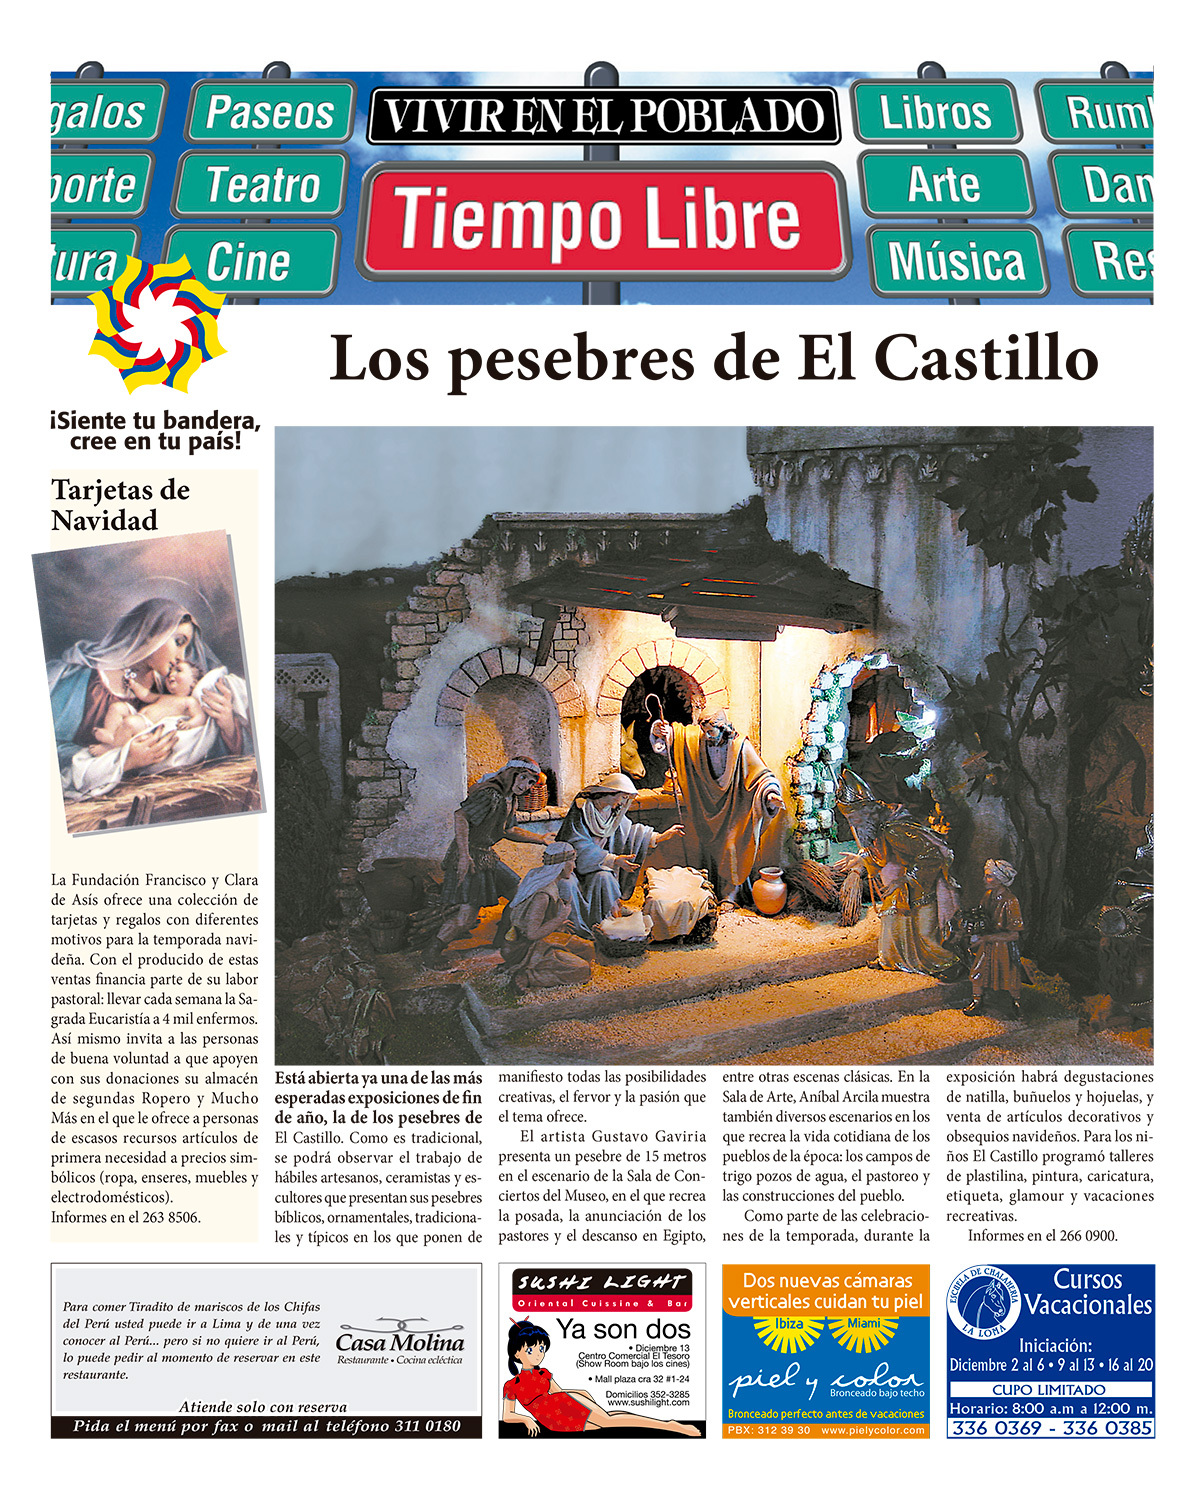 Primera quincena de diciembre de 2002 • Edición 240 • 26